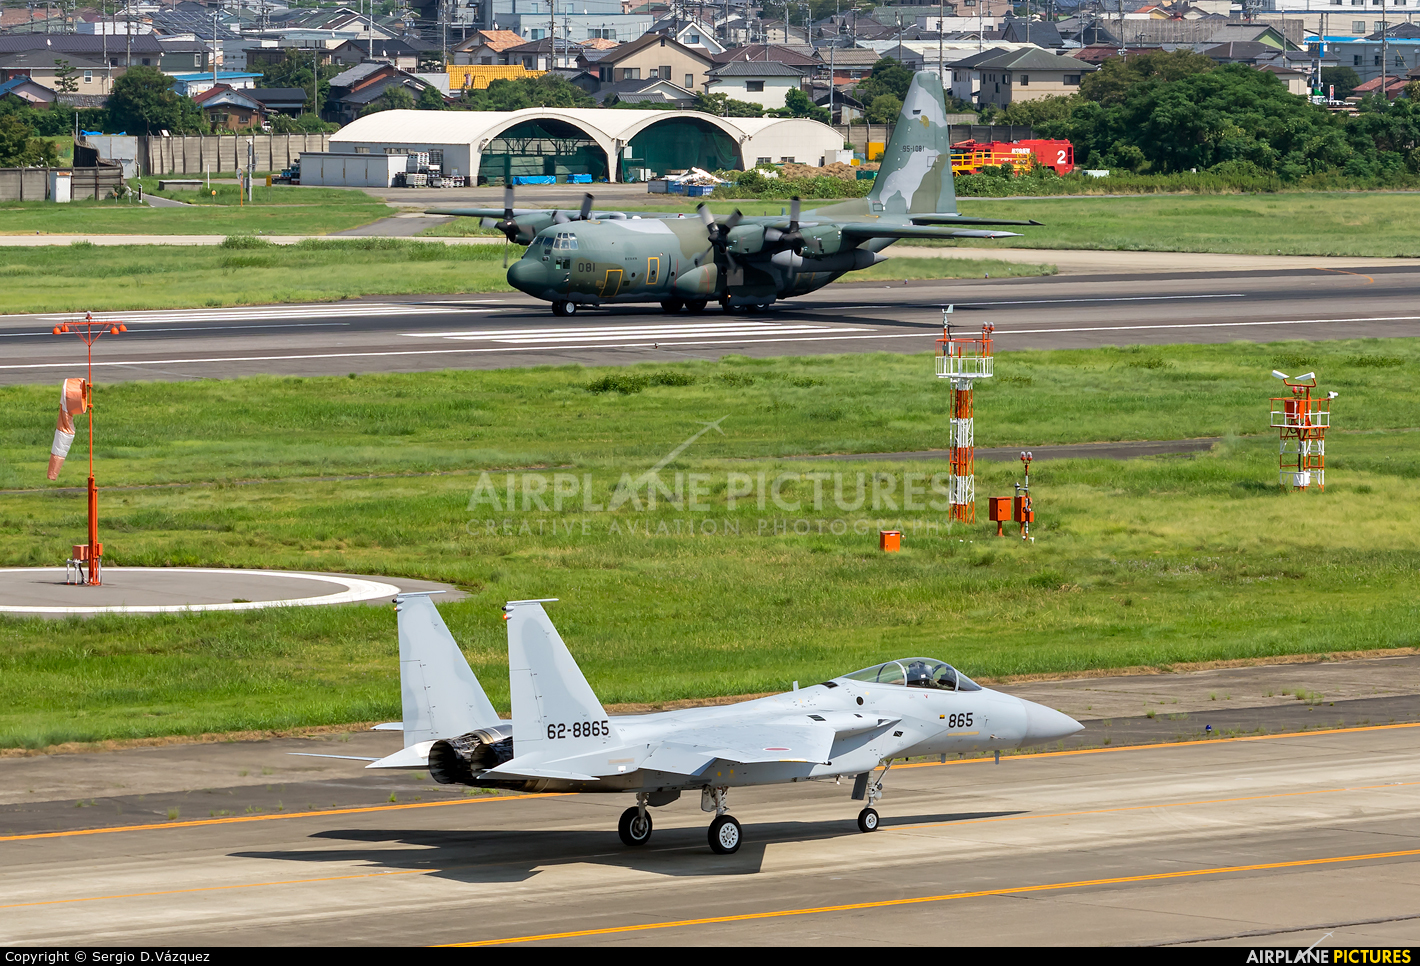 Japan - Air Self Defence Force 62-8865 aircraft at Nagoya - Komaki AB